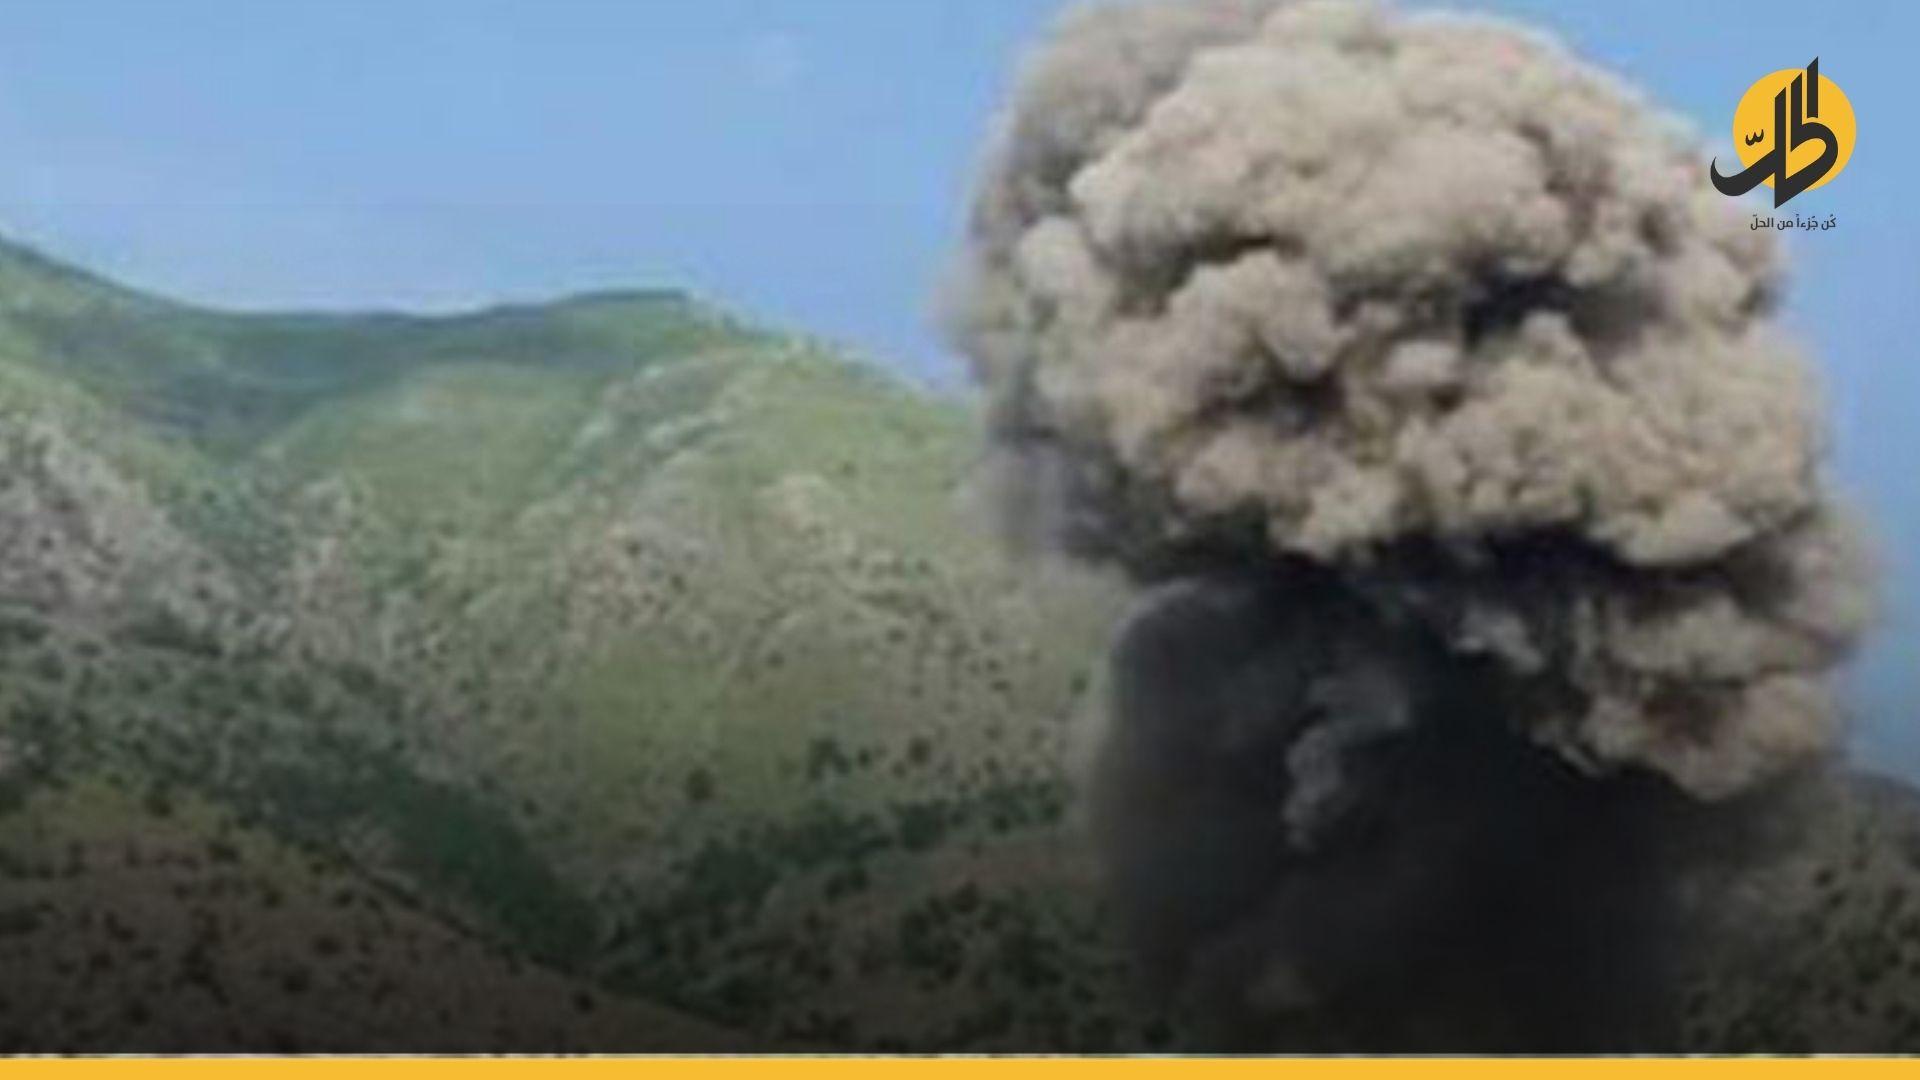 قصفٌ تركي على مدينة دهوك بإقليم كردستان العراق